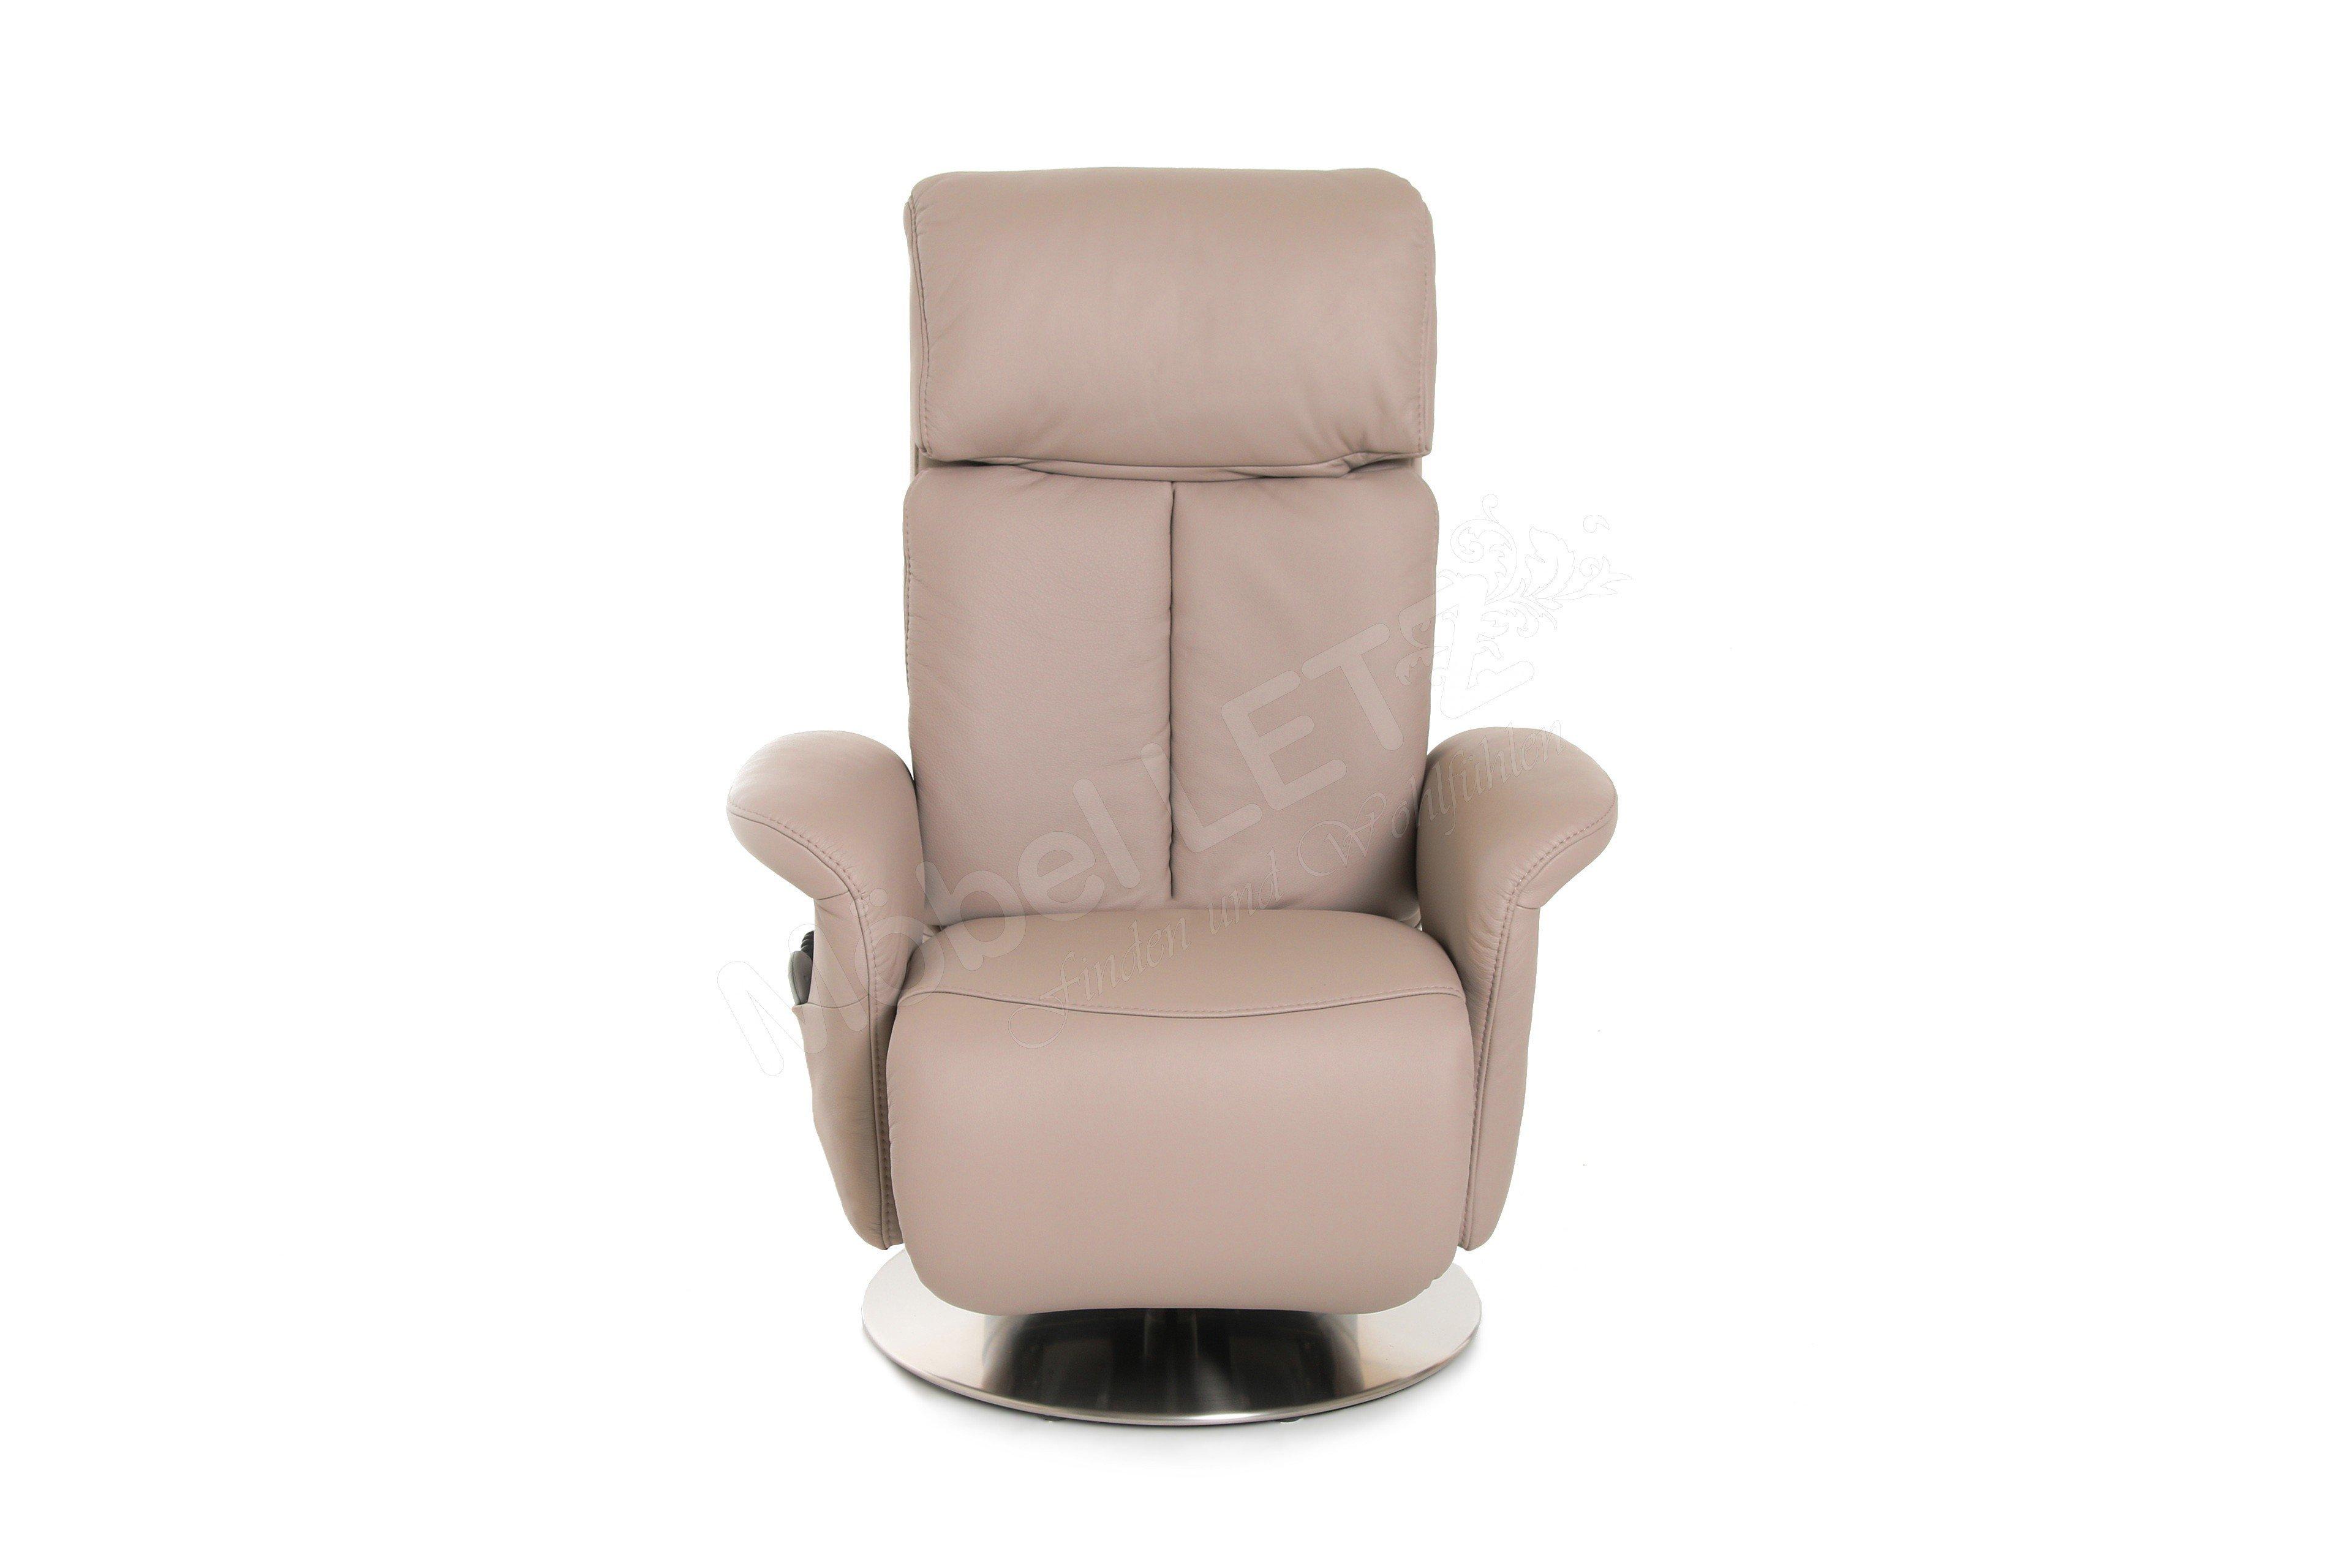 himolla 7418 funktionssessel in beige m bel letz ihr online shop. Black Bedroom Furniture Sets. Home Design Ideas